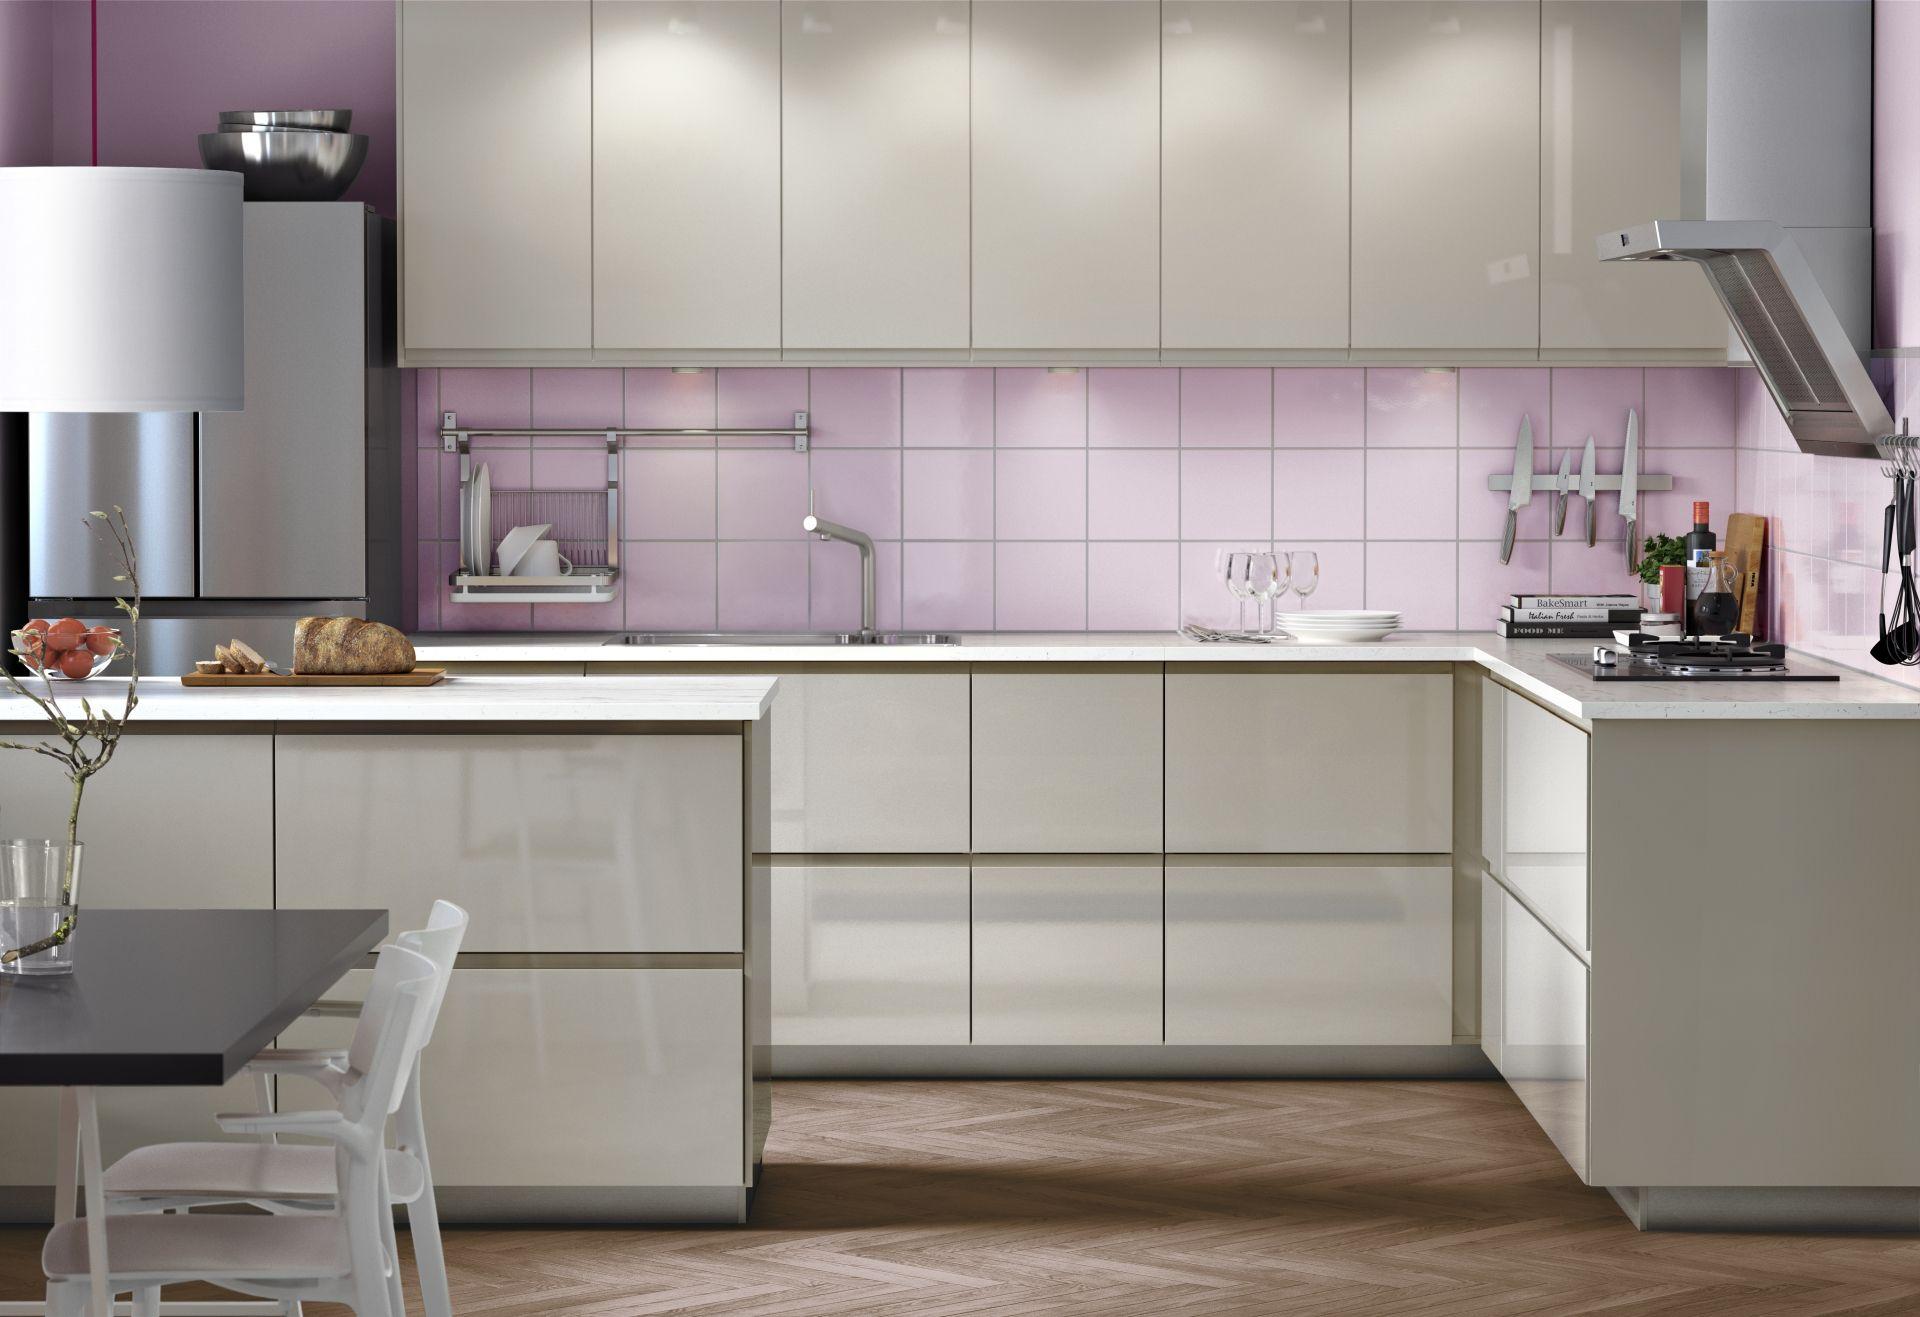 Metod Keuken Ikea : Metod keuken ikea inspirerende k che kaufen ikea schön ikea kuchen